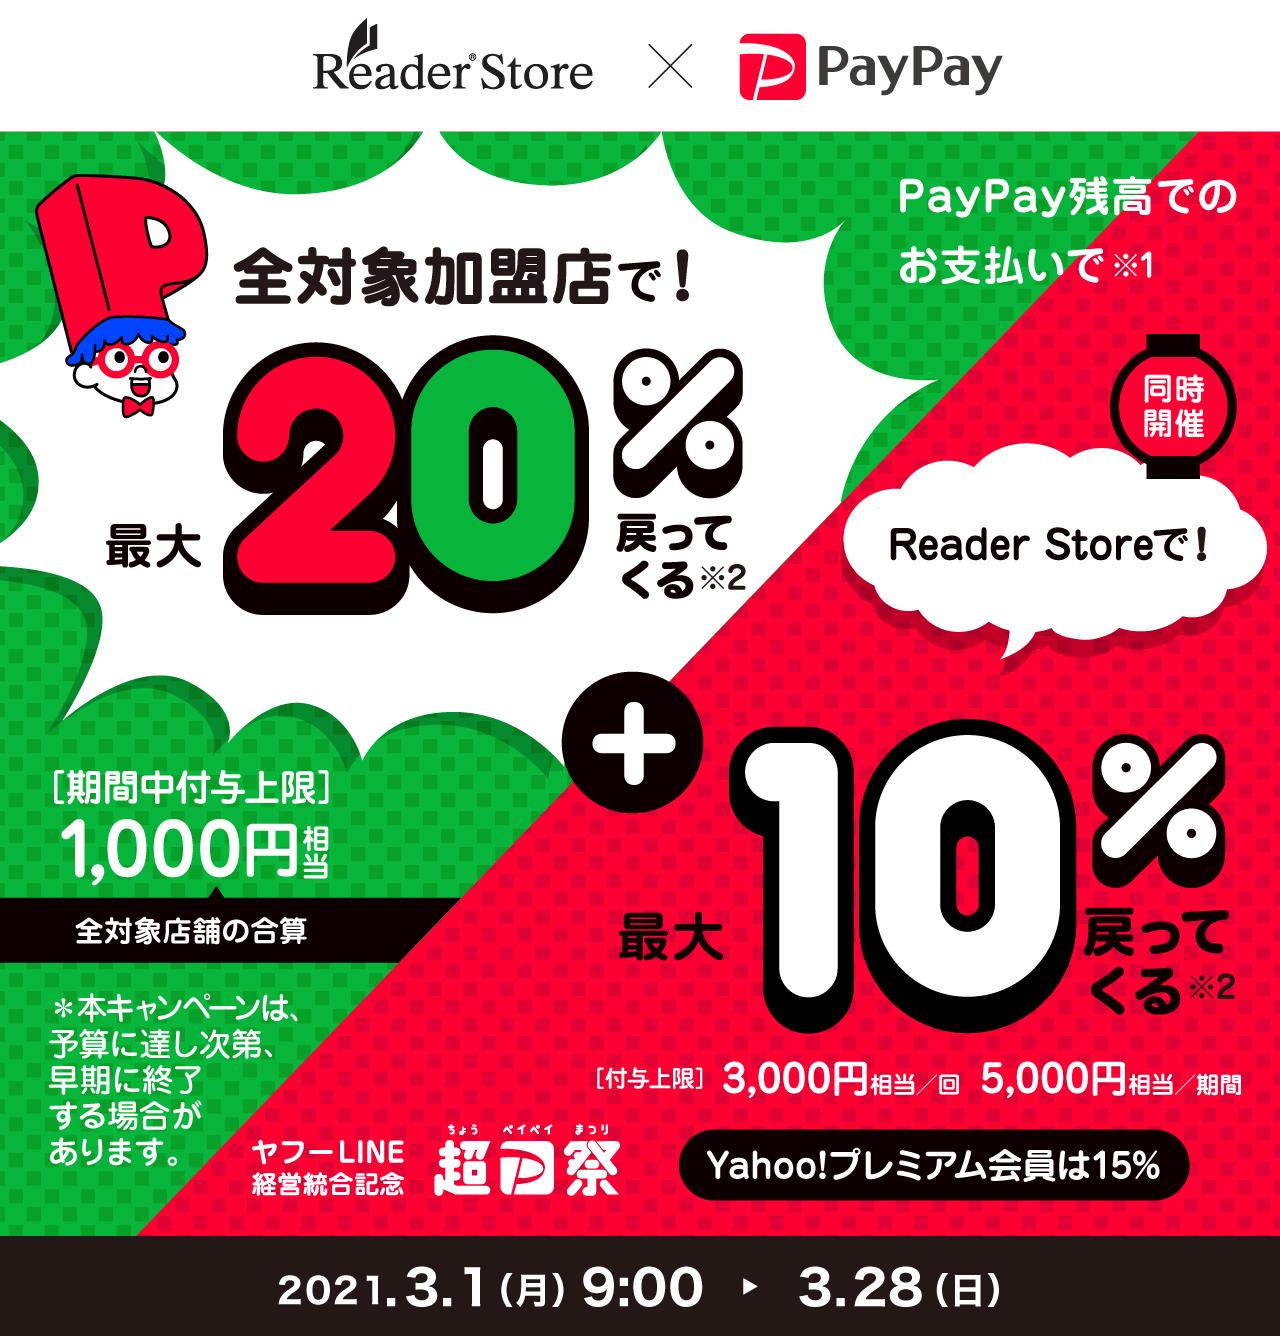 全対象加盟店で!最大20%戻ってくる + Reader Storeで!最大10%戻ってくる